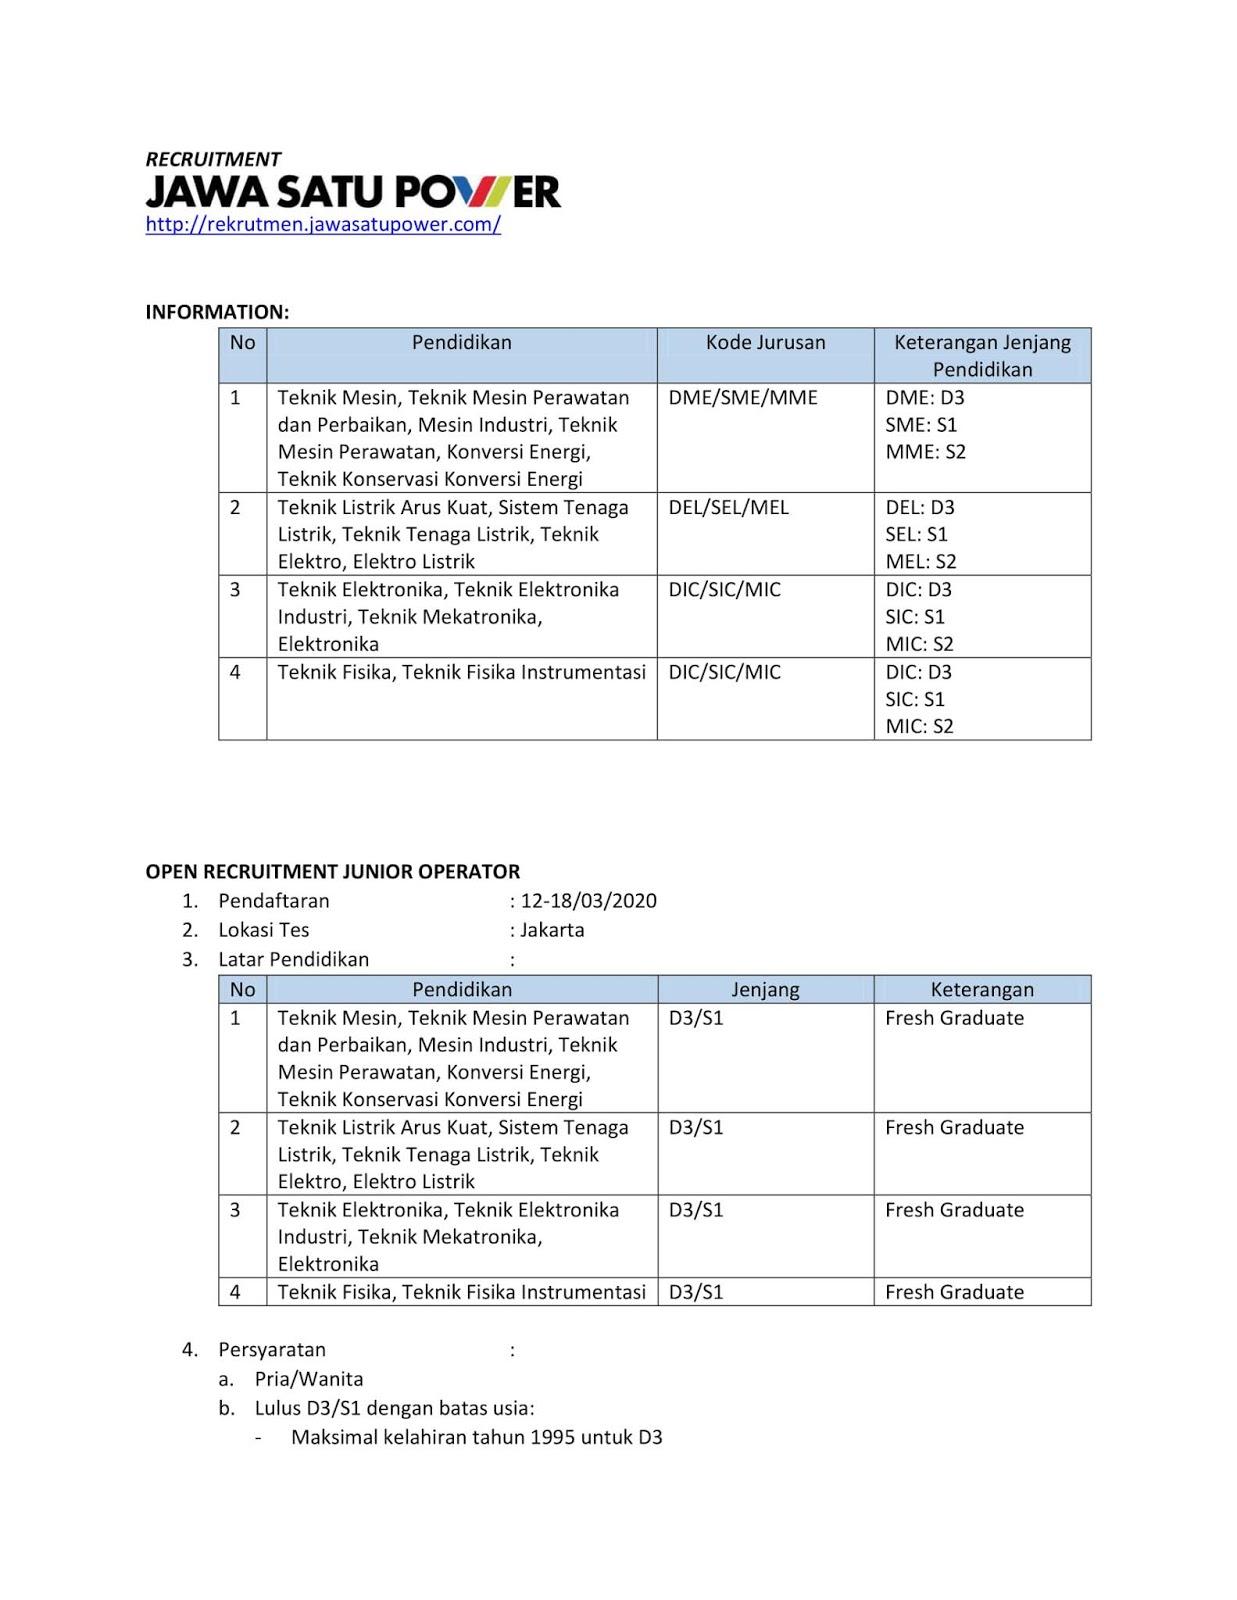 Rekrutmen Pegawai PT.Jawa Satu Power [PT Pertamina Power Indonesia GROUP] Tingkat D3 D4 S1 S2 Bulan Maret 2020